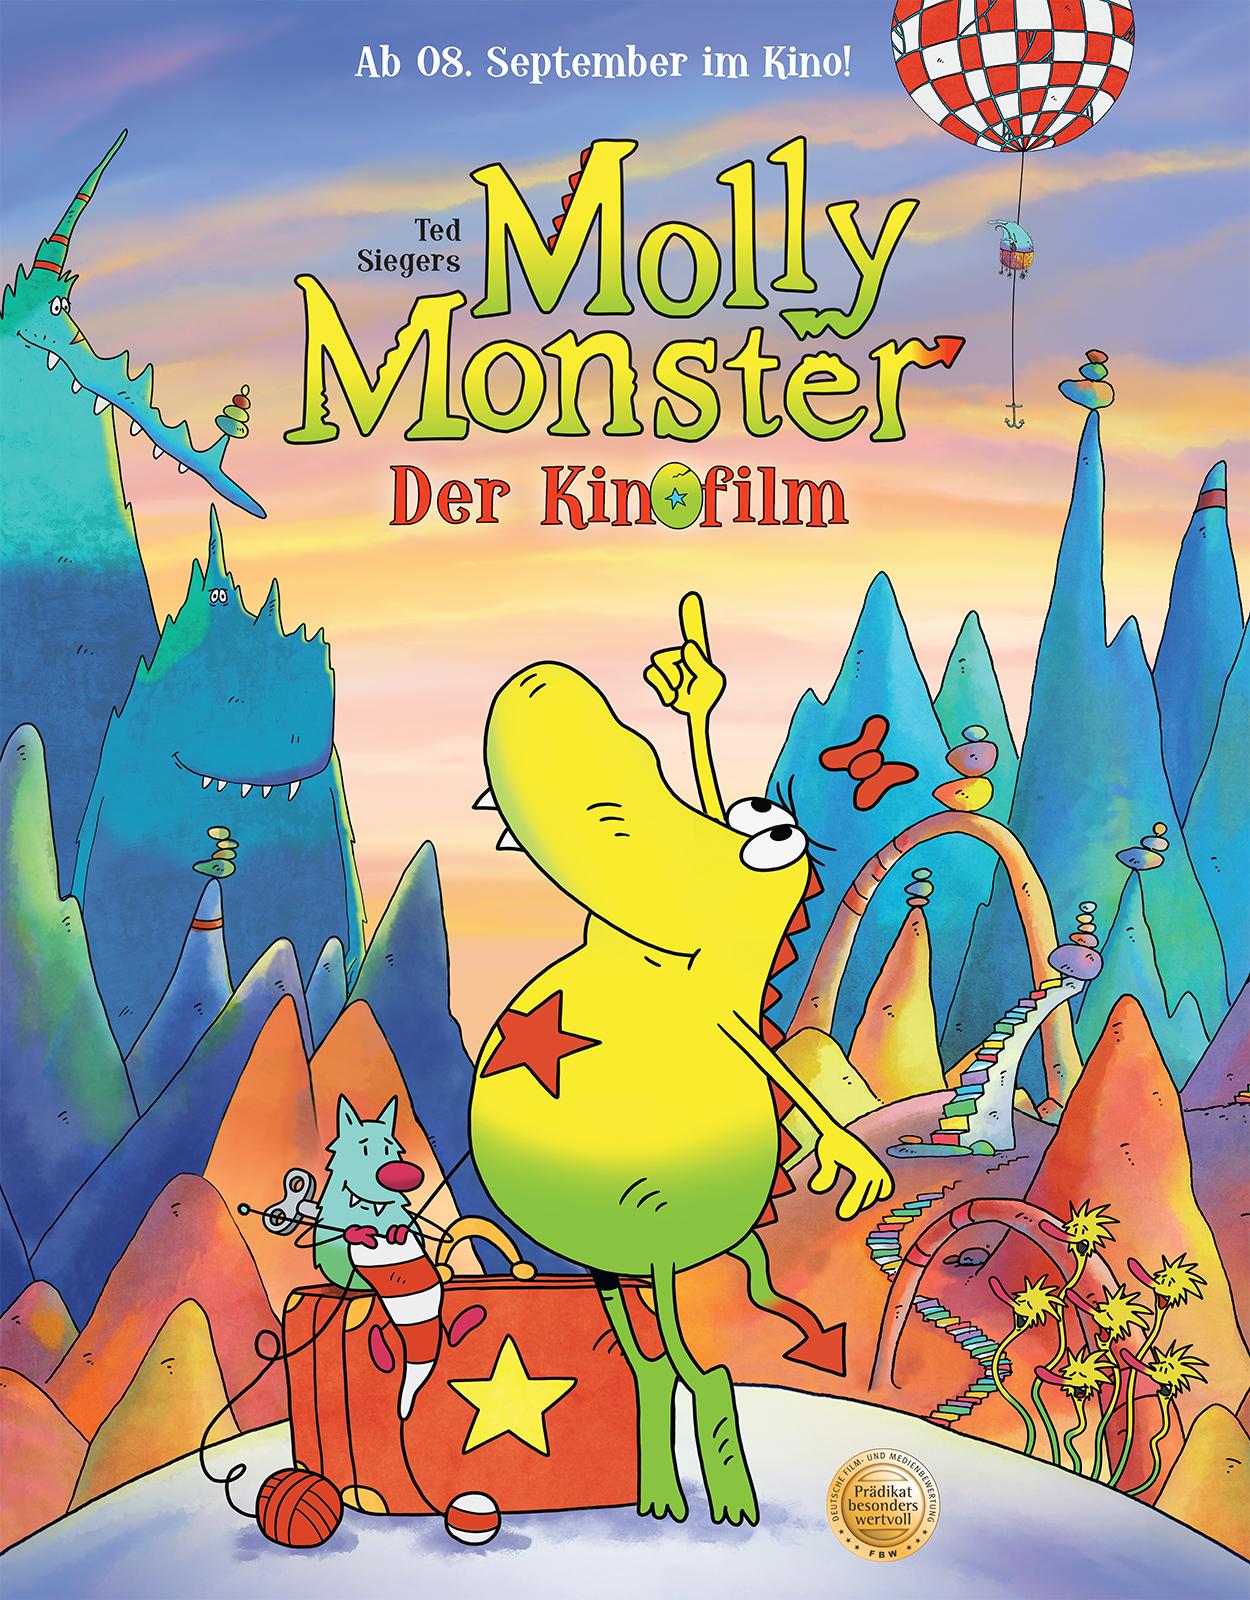 Molly Monster im Kino